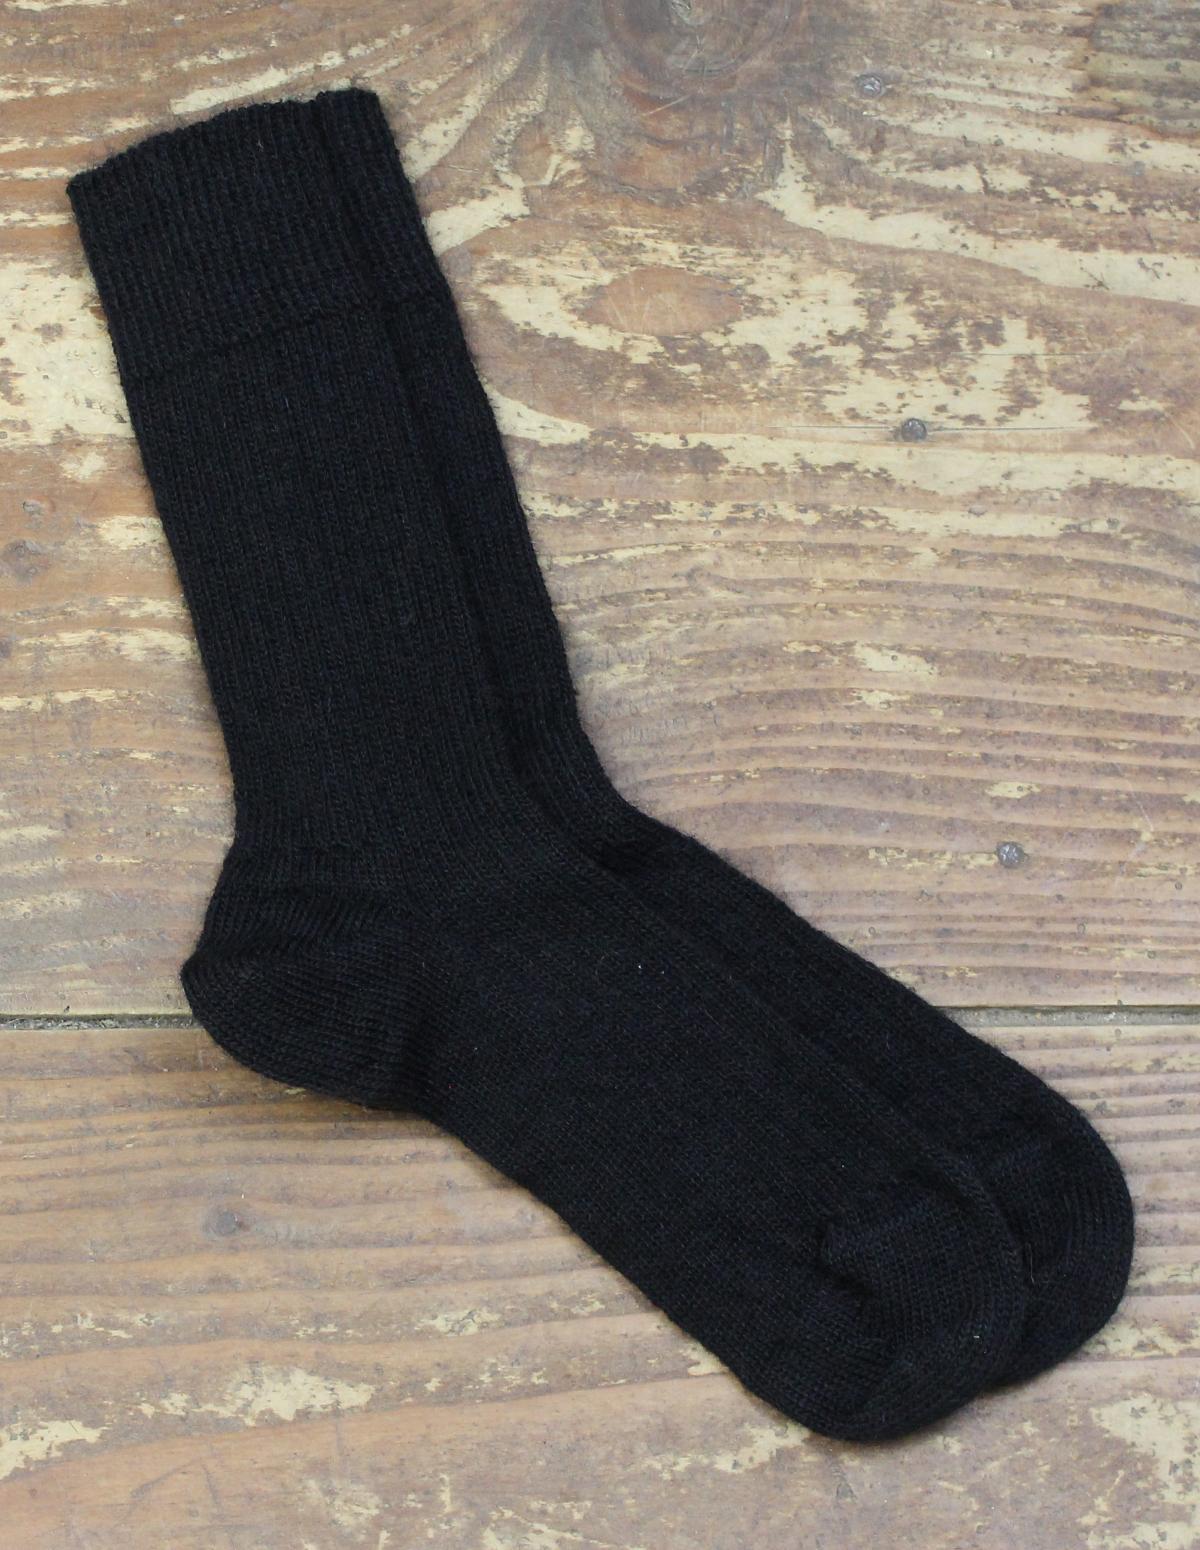 Chaussettes-fines-Mohair-Noir-1-Une-Ferme-a-la-Bassette